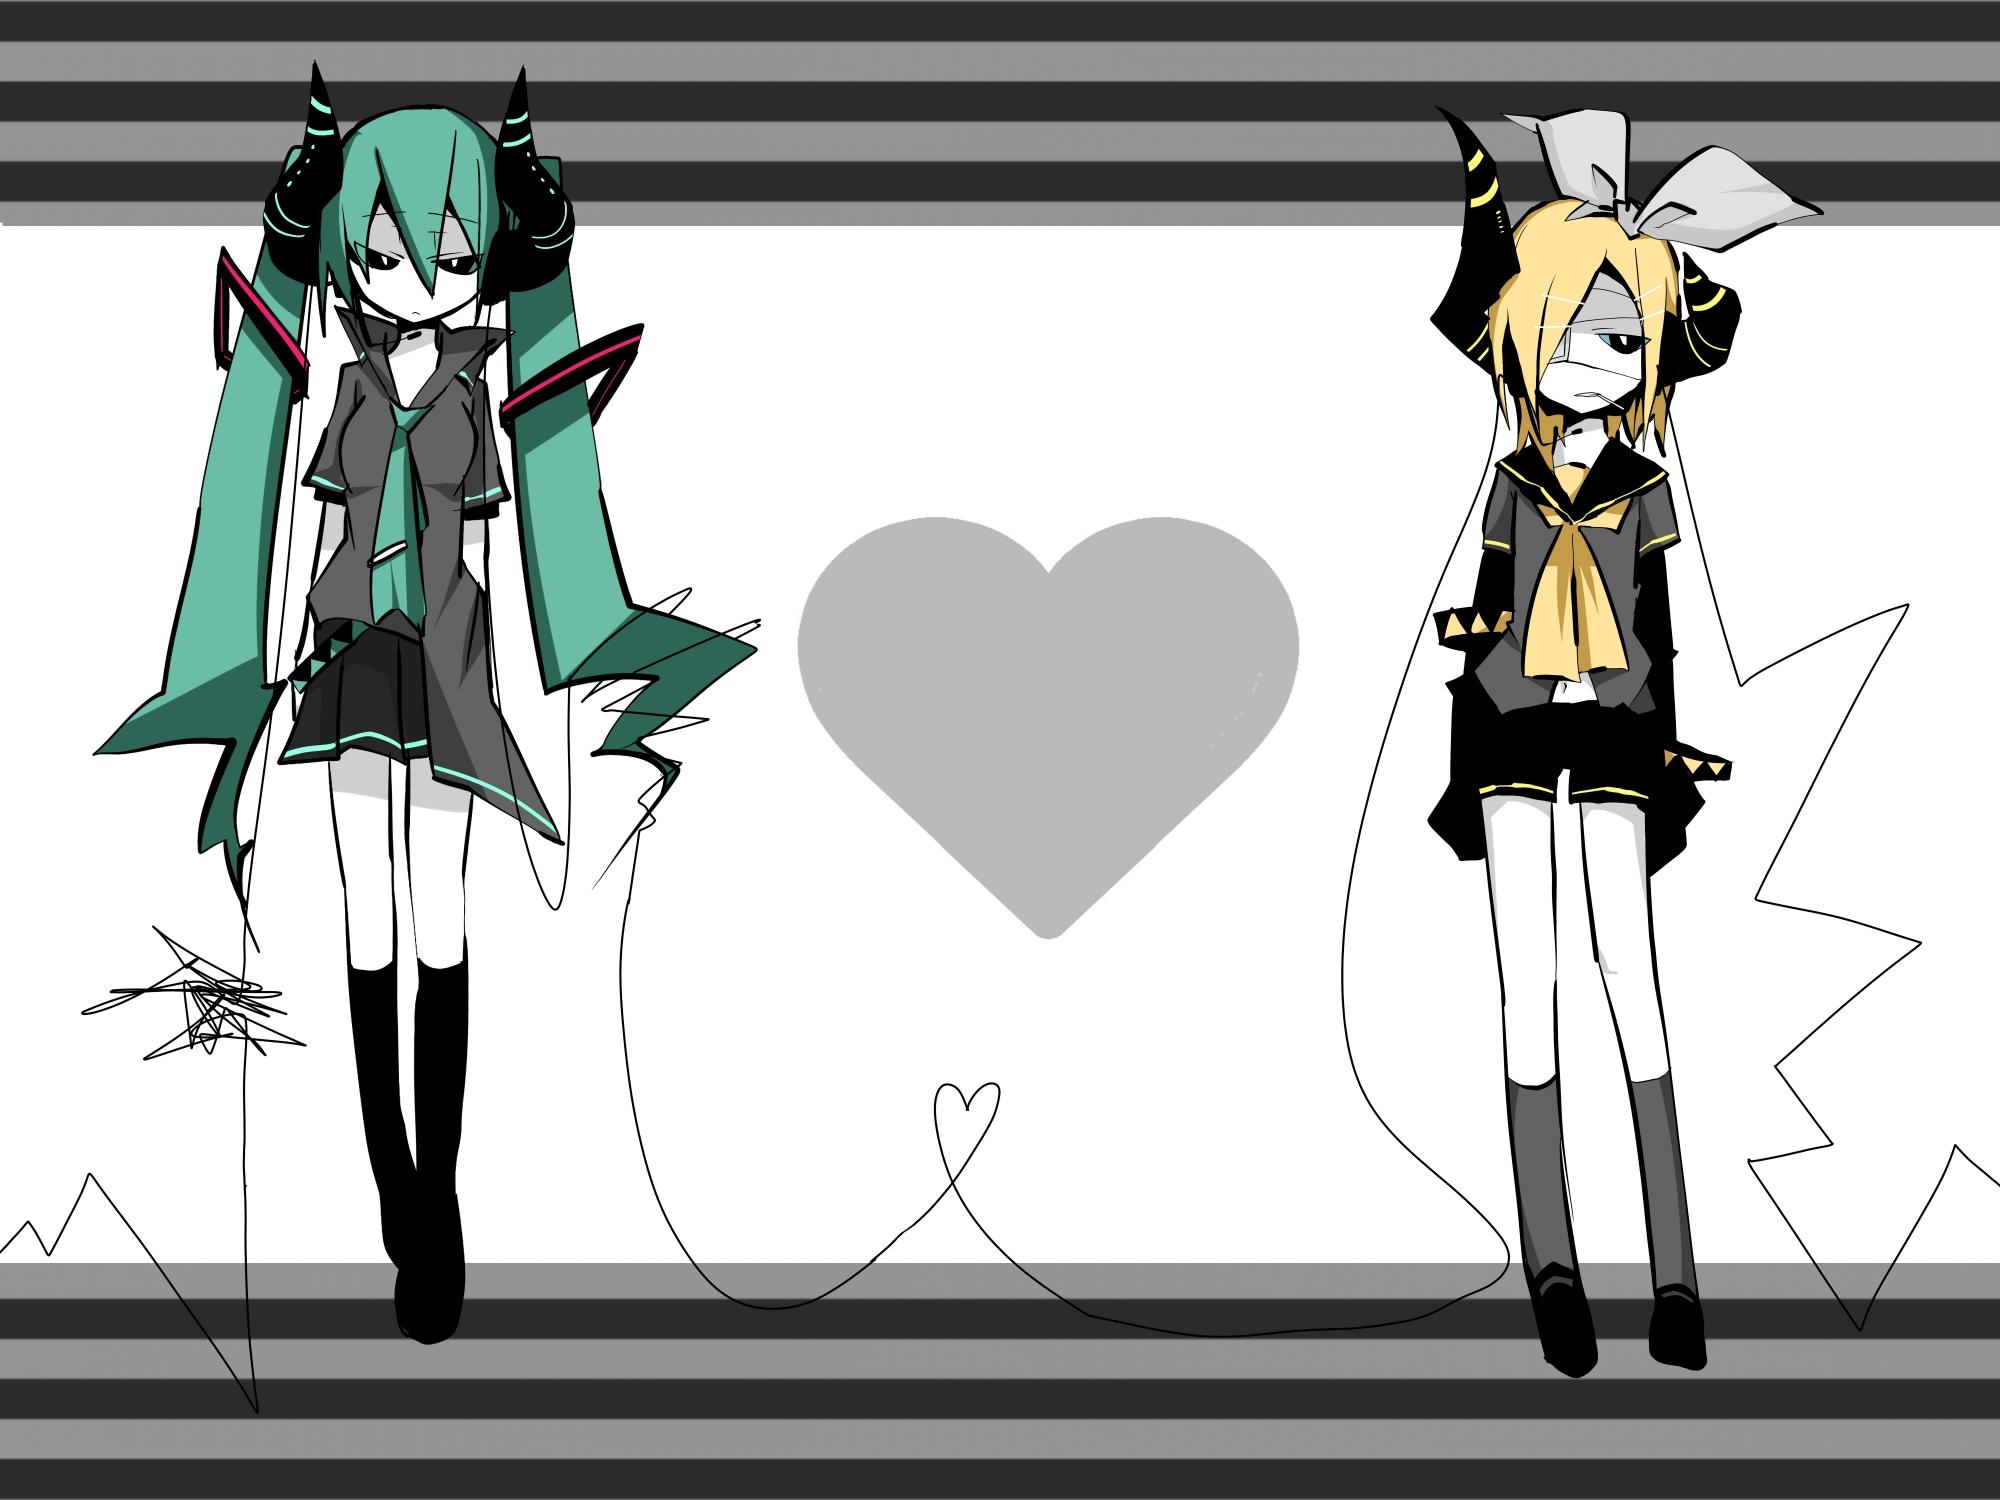 eyepatch hatsune_miku horns kagamine_rin twintails vocaloid